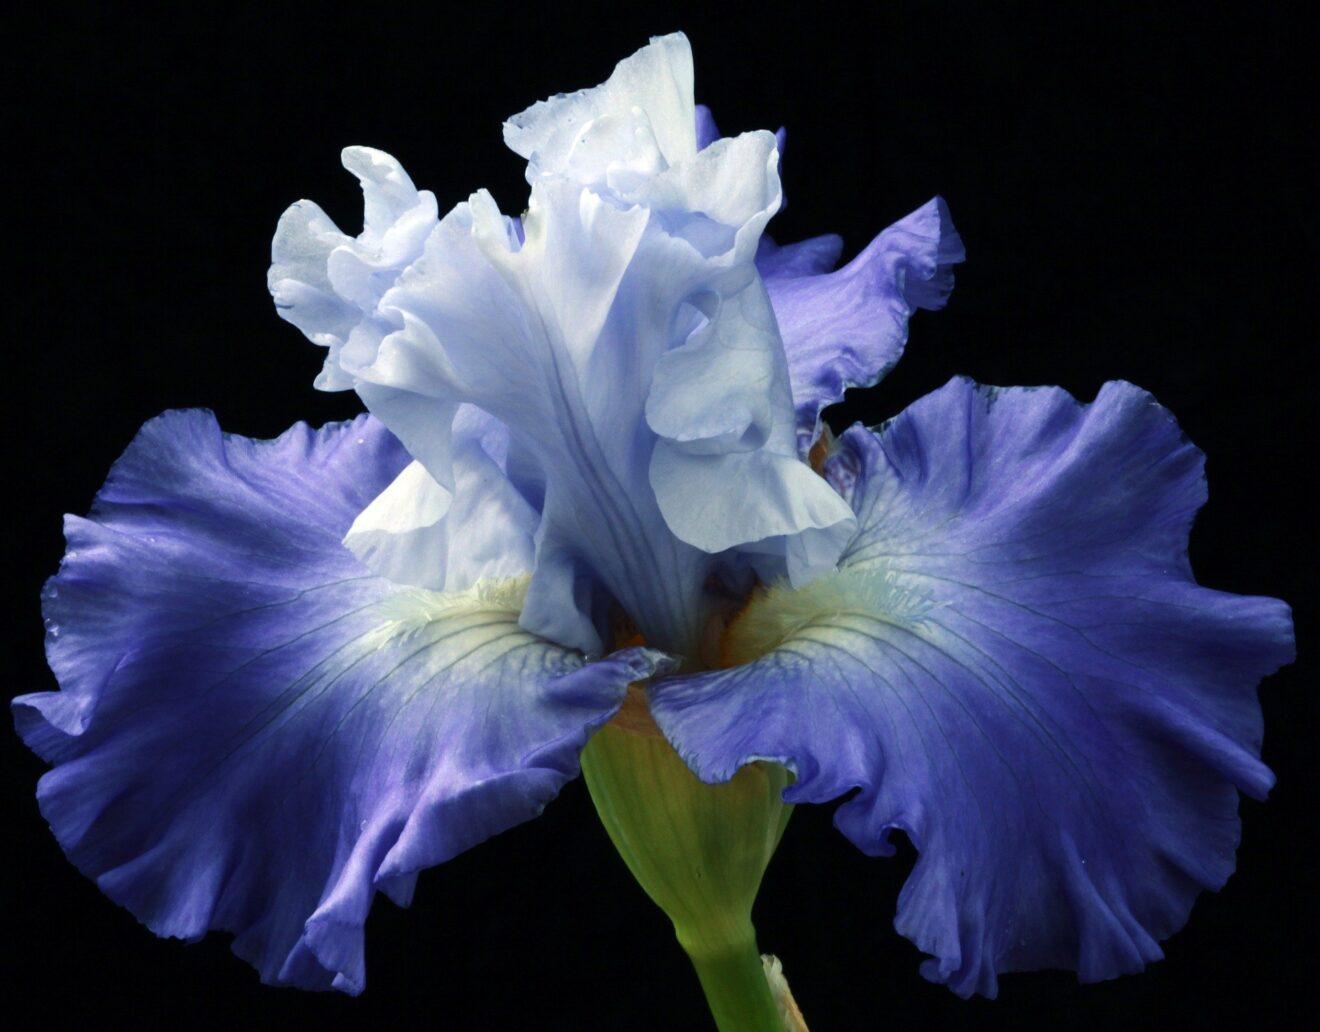 blossom-5356482_1920